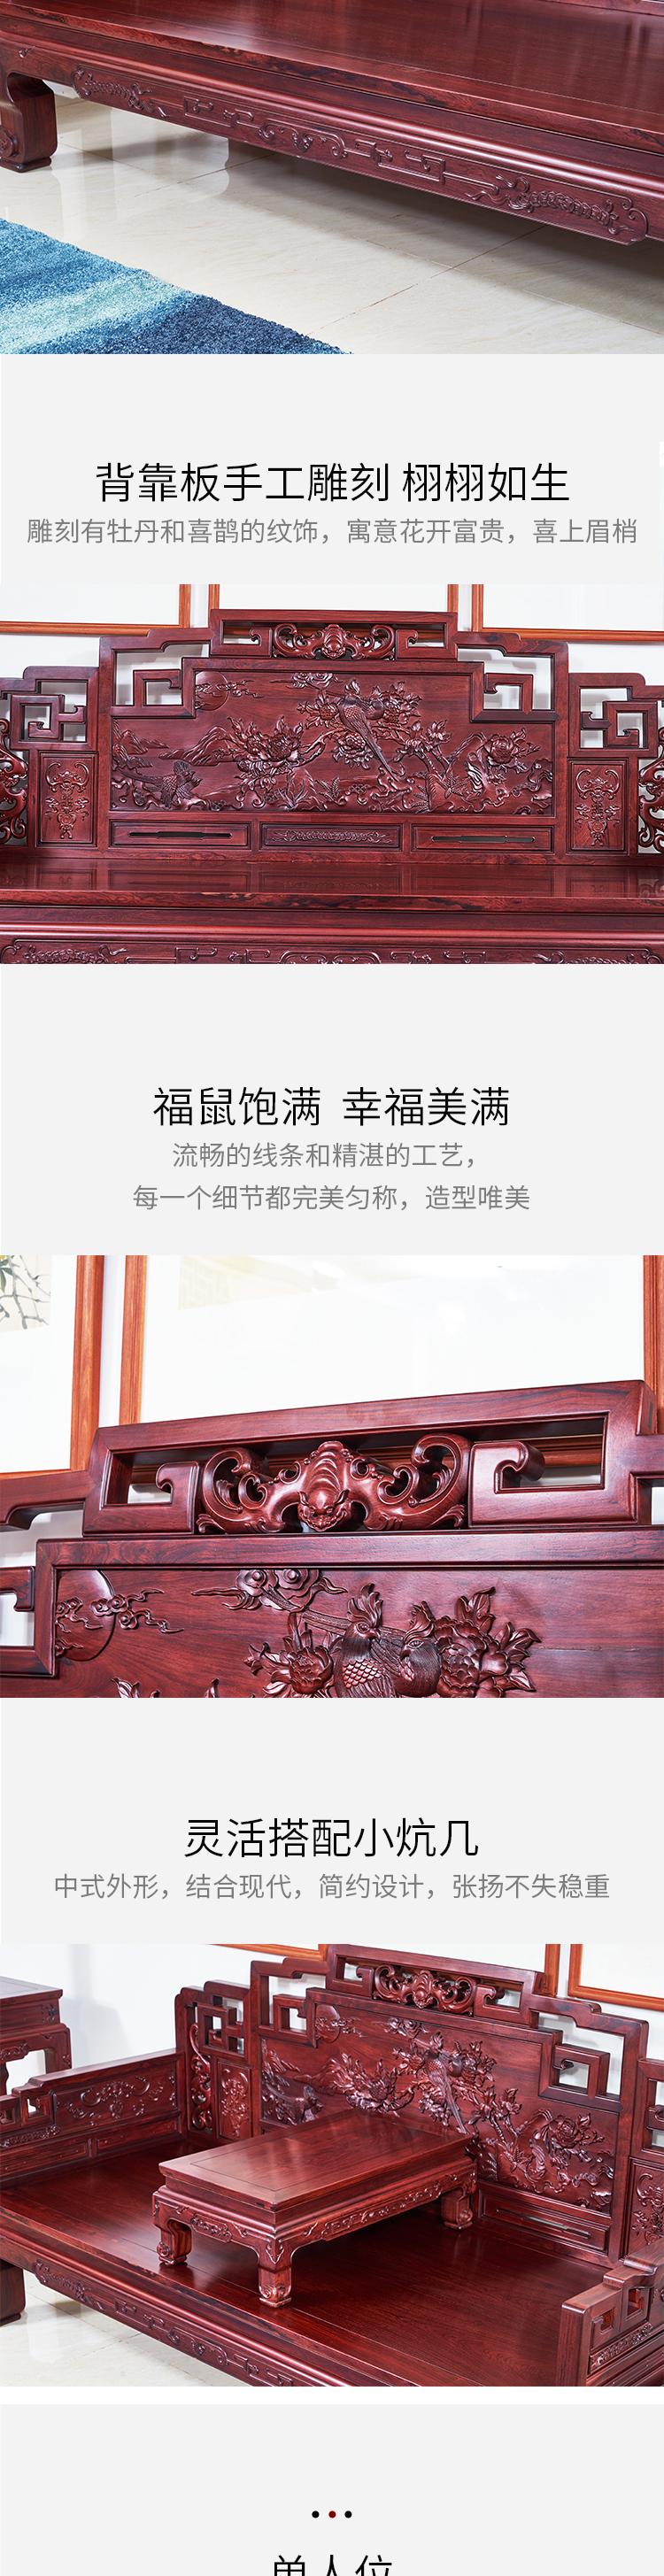 红木家具修改-1_03